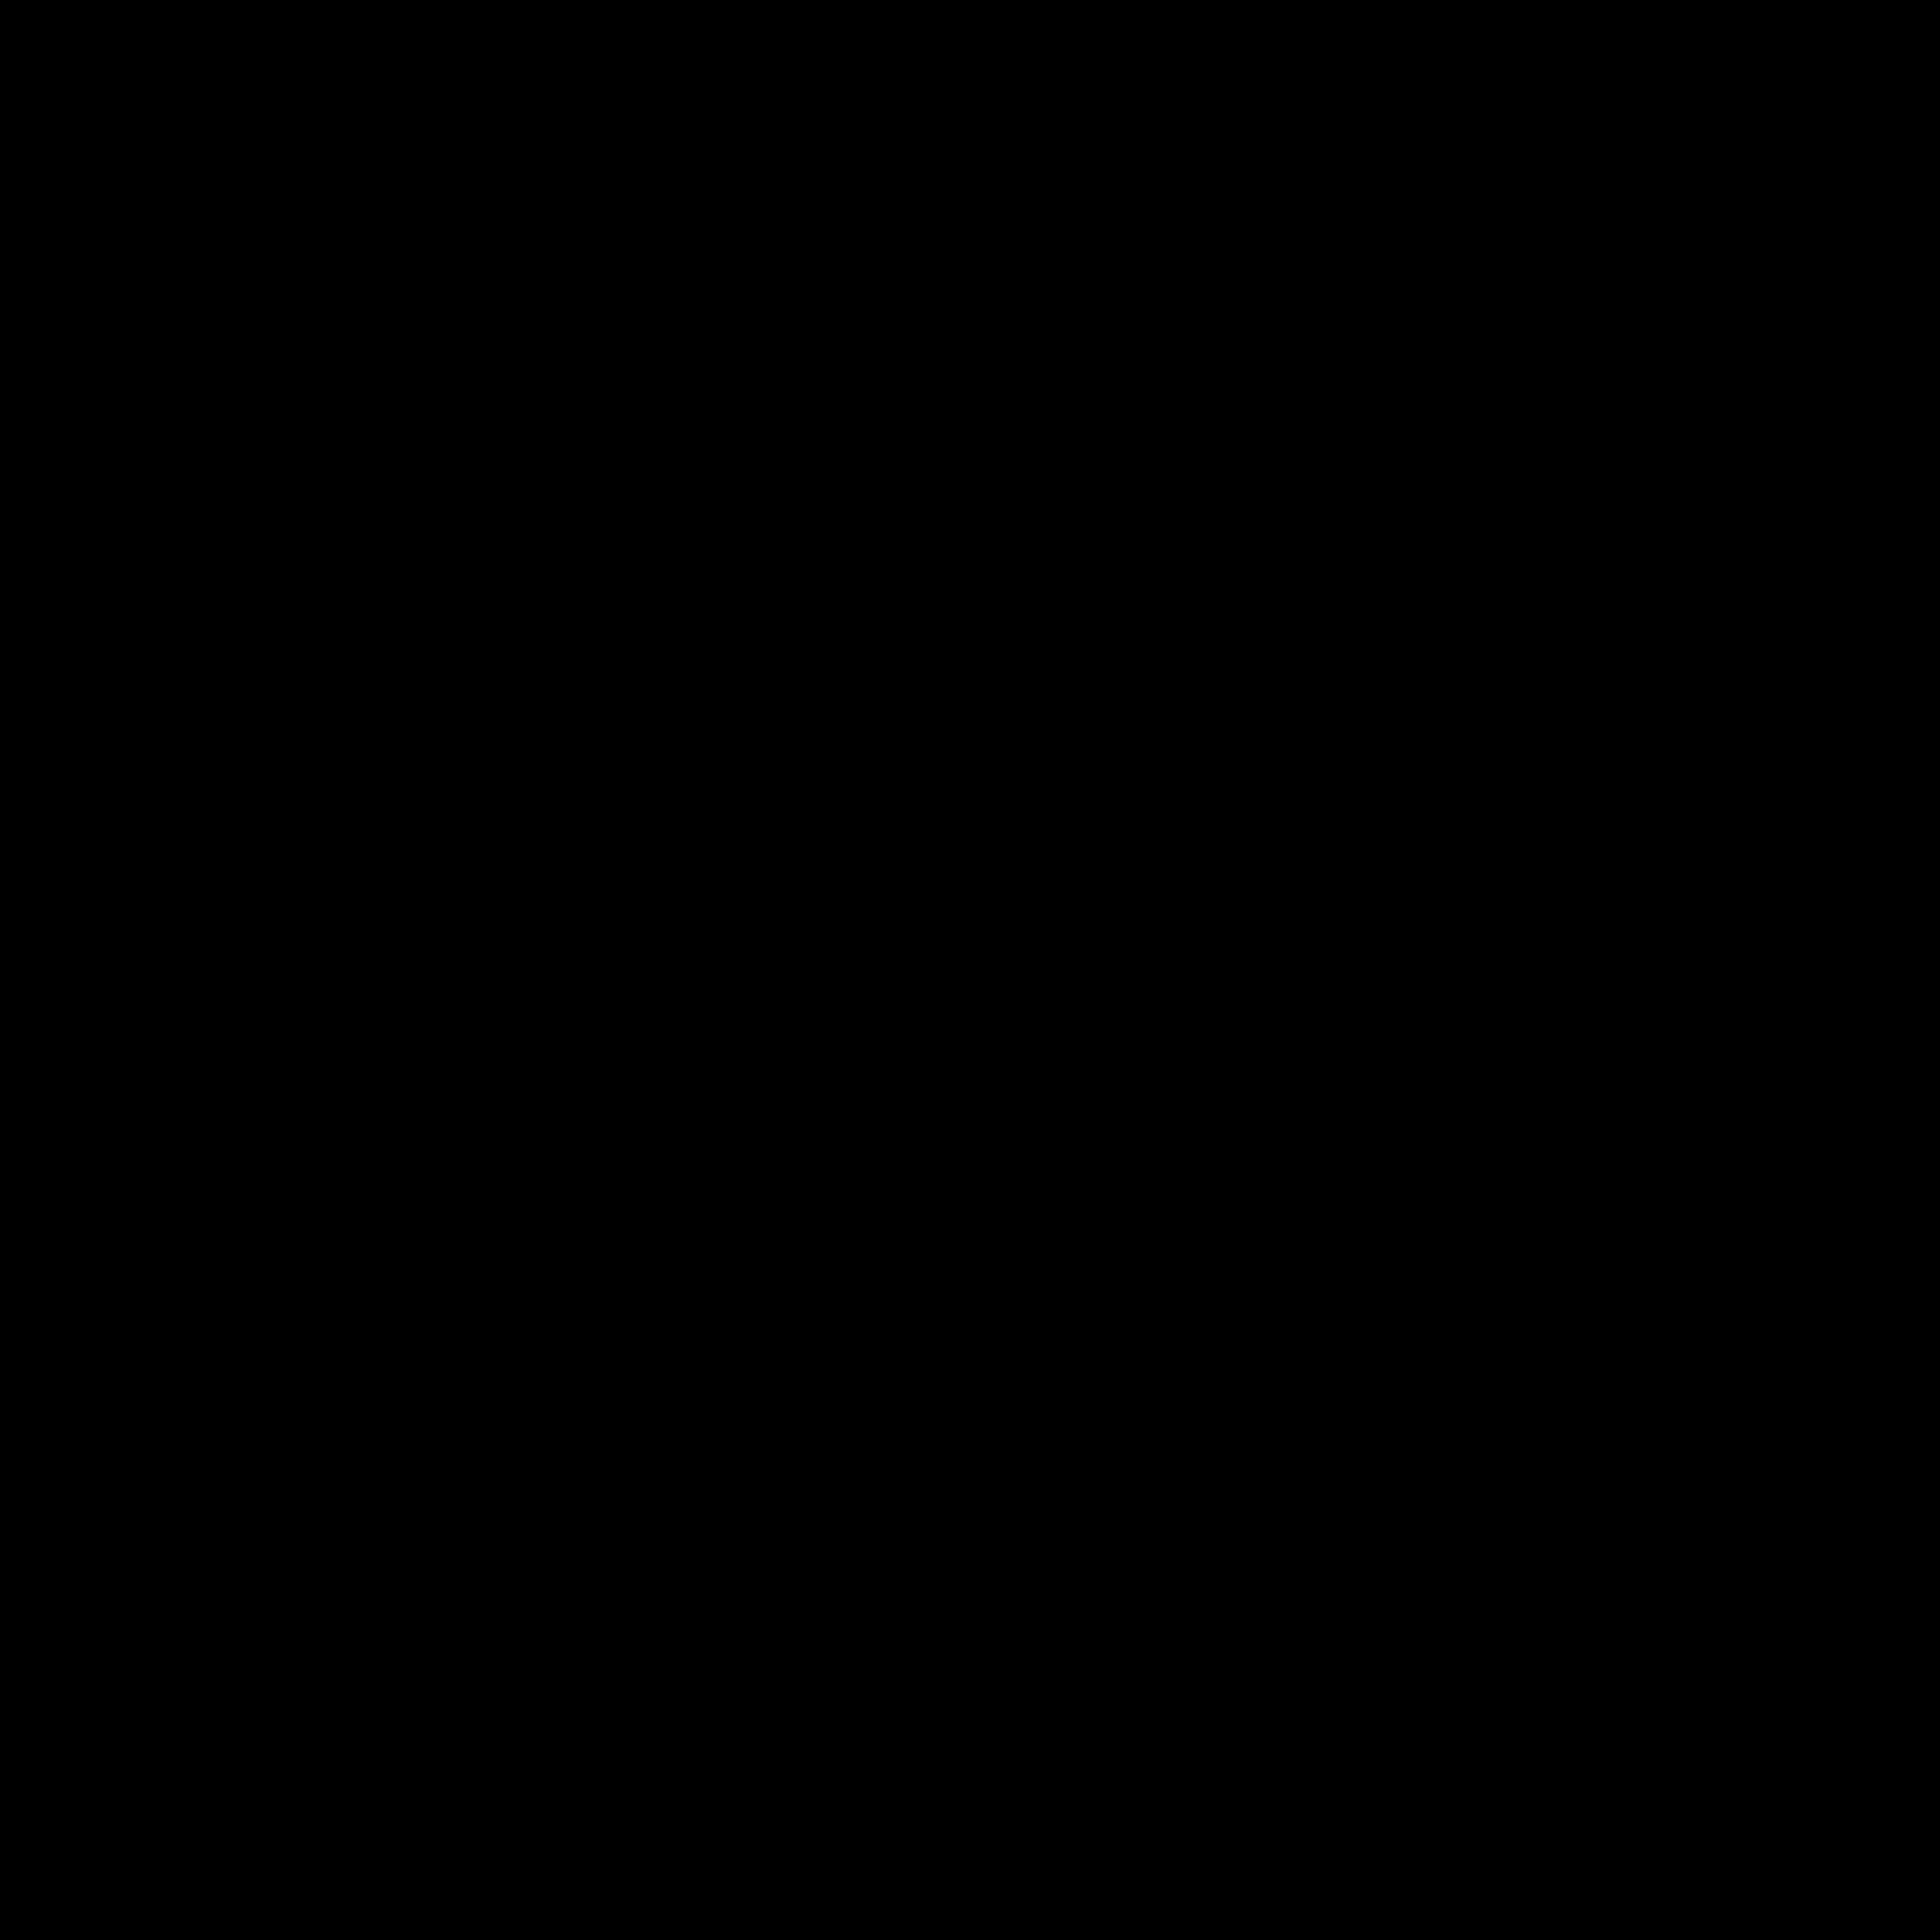 【キャンペーン】新春お年玉キャンペーン2020!! *2020年2月2日まで